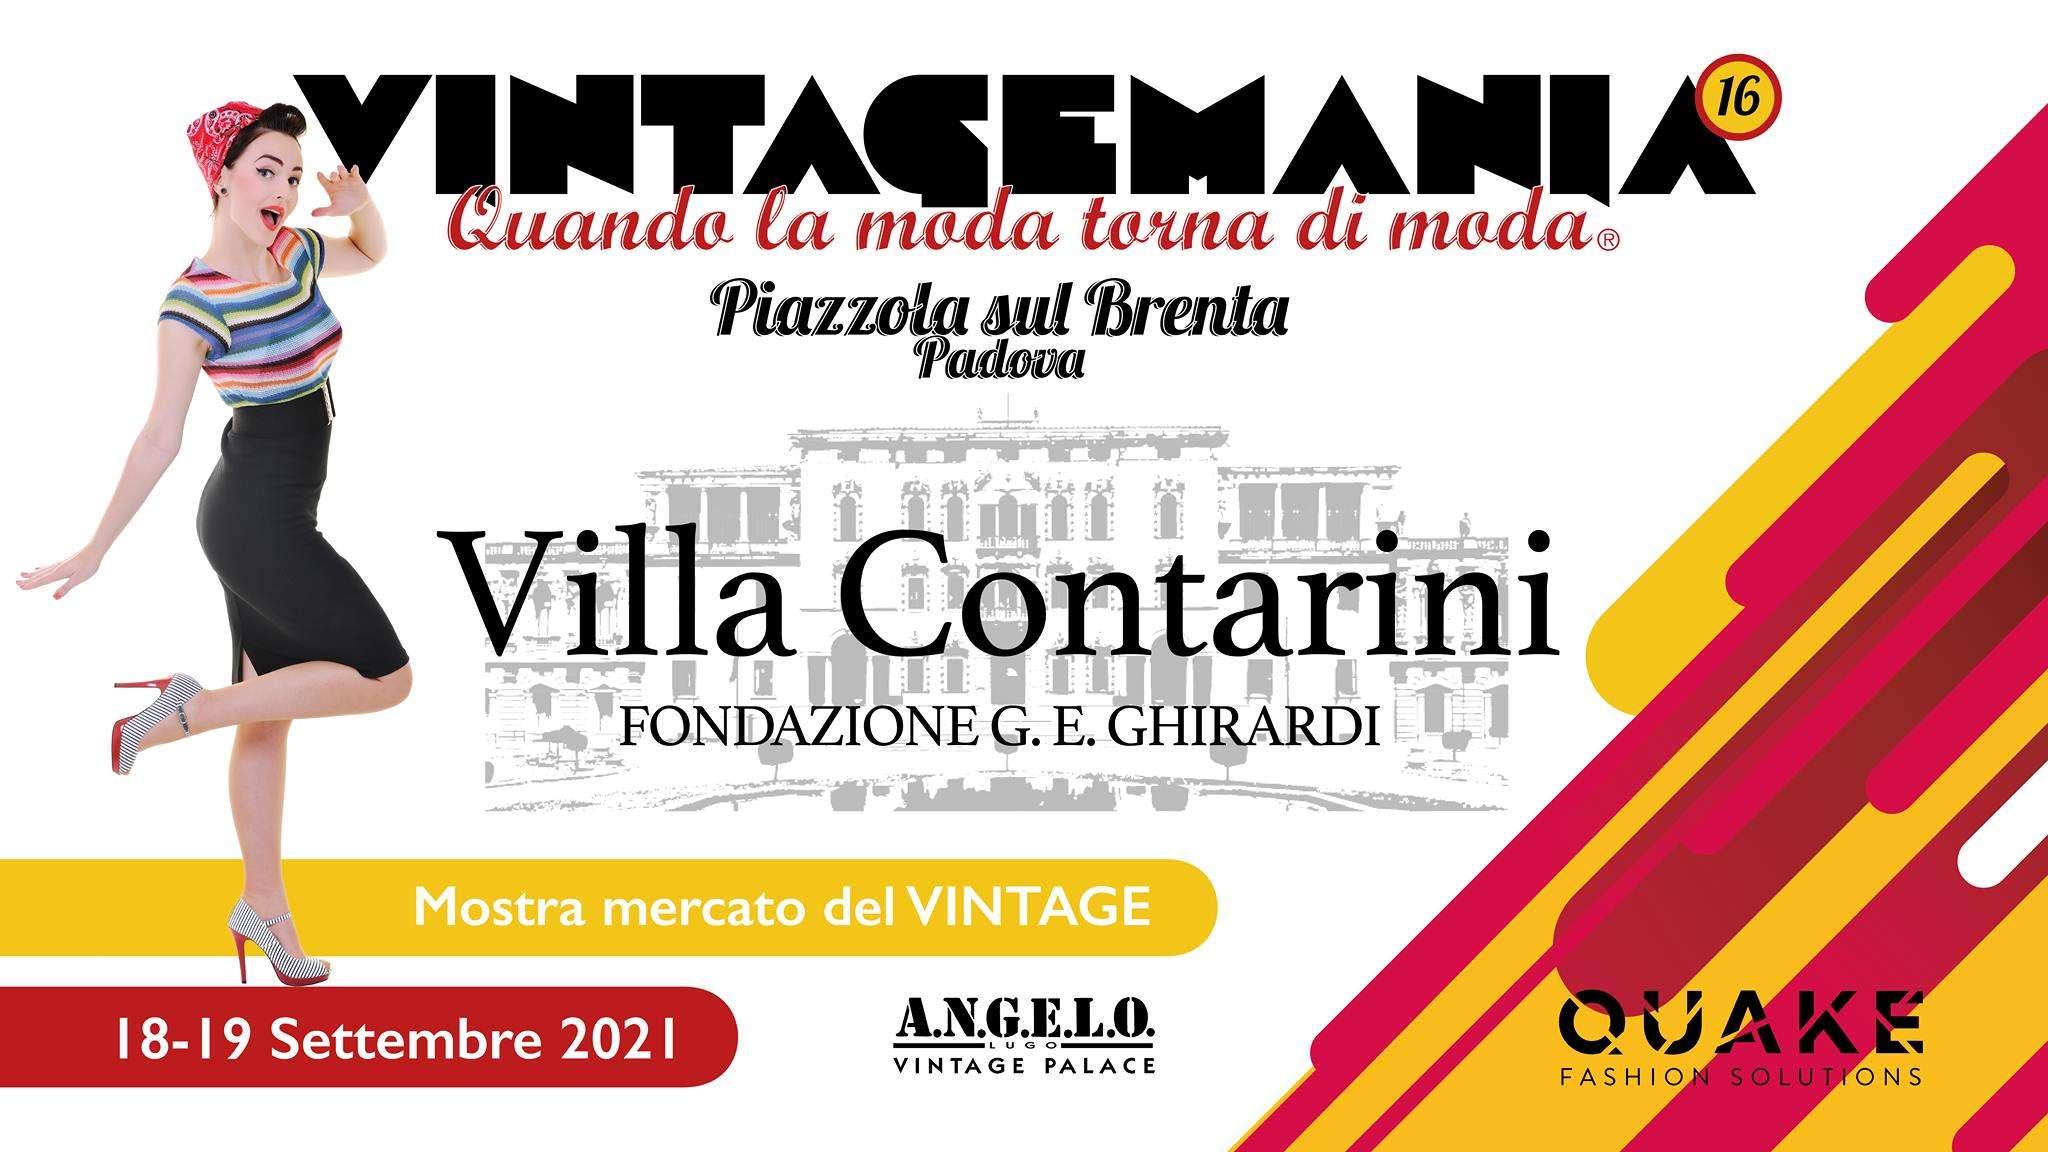 Vintagemania 2021